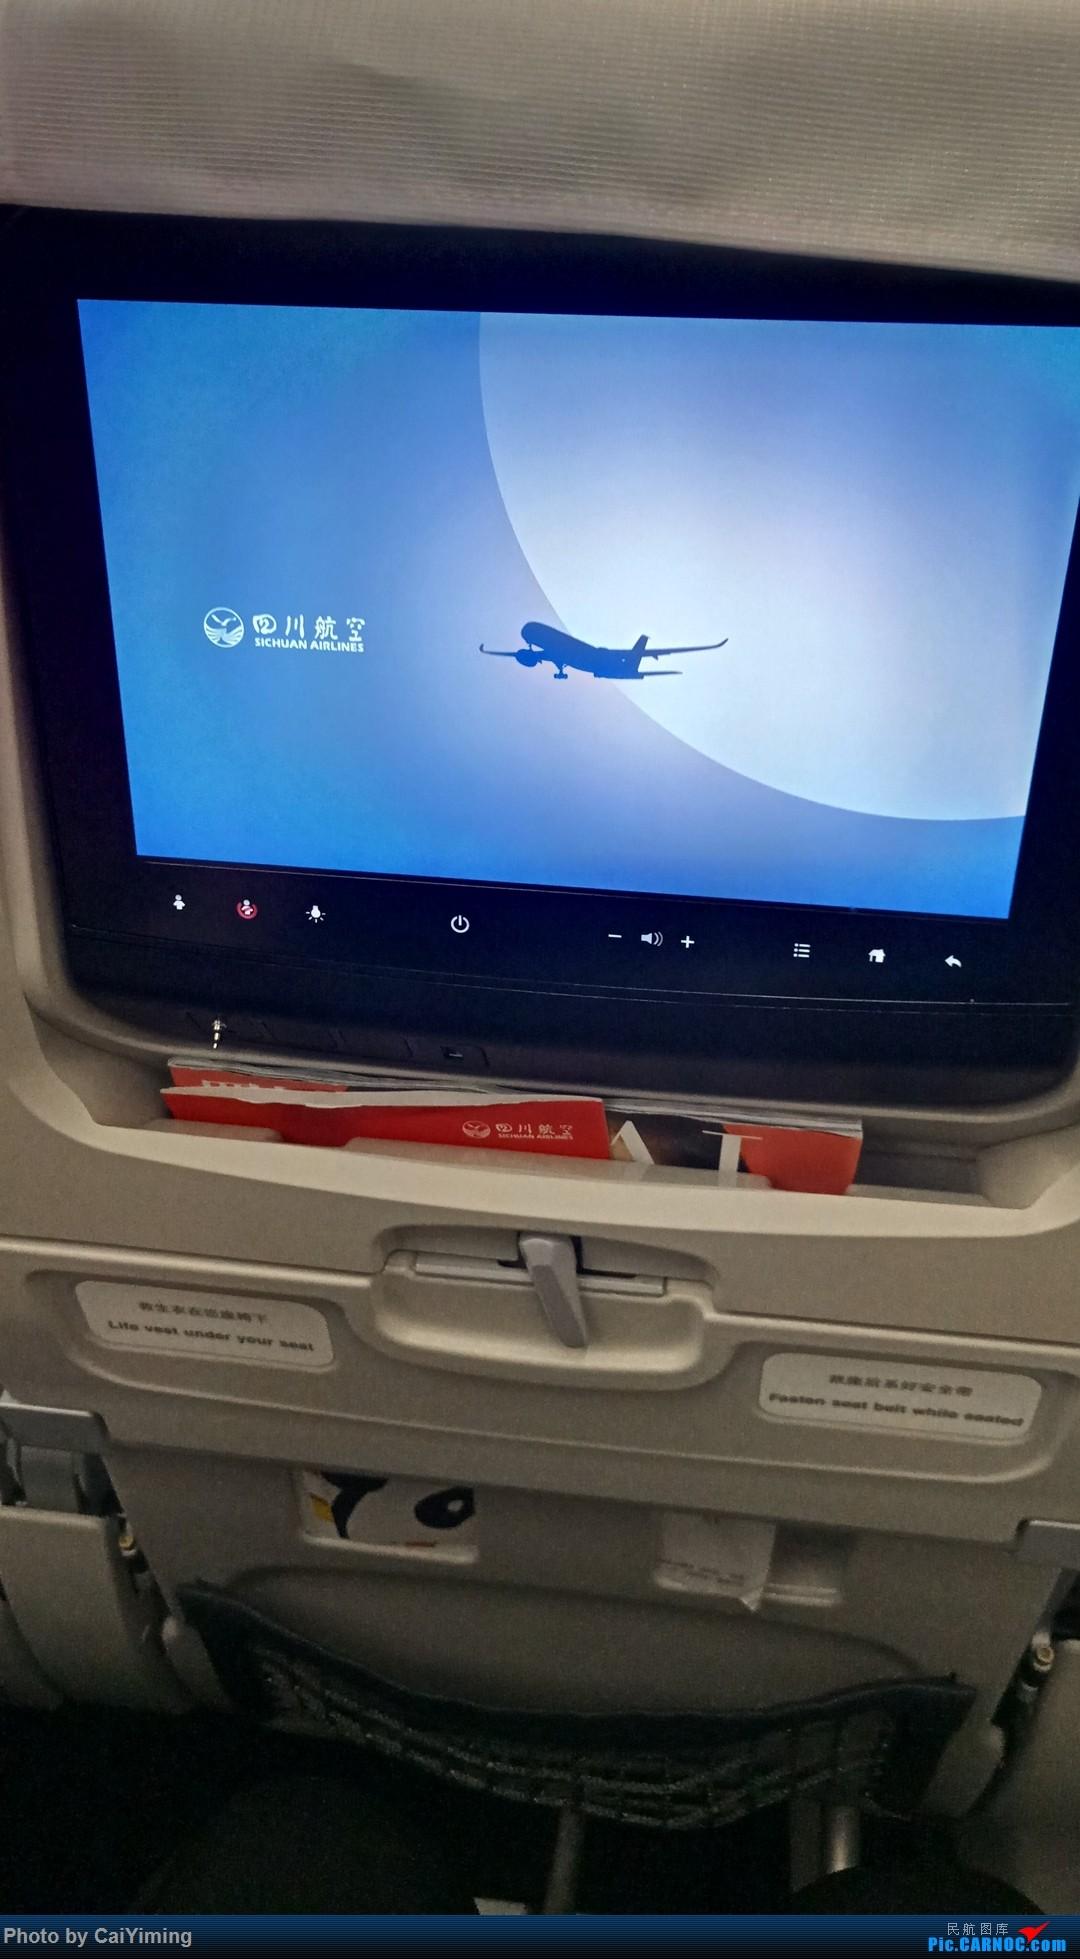 Re:[原创]【人在旅途】成都-浦东-虹桥-西安-南通-成都(3U+MU空客A359体验) AIRBUS A350-900 B-304U 中国成都双流国际机场